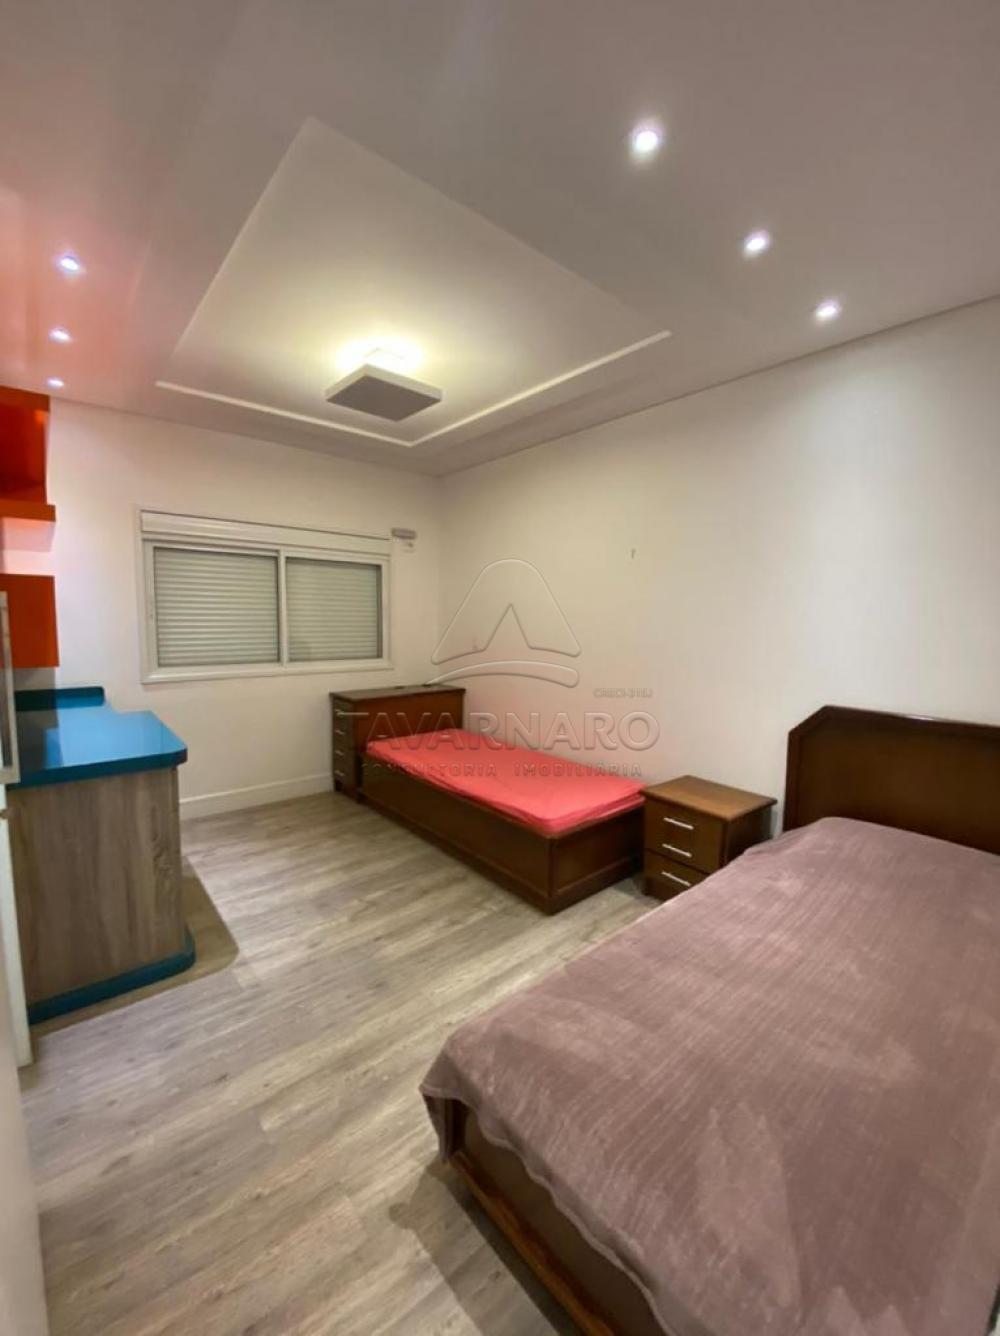 Comprar Casa / Condomínio em Ponta Grossa R$ 1.750.000,00 - Foto 13